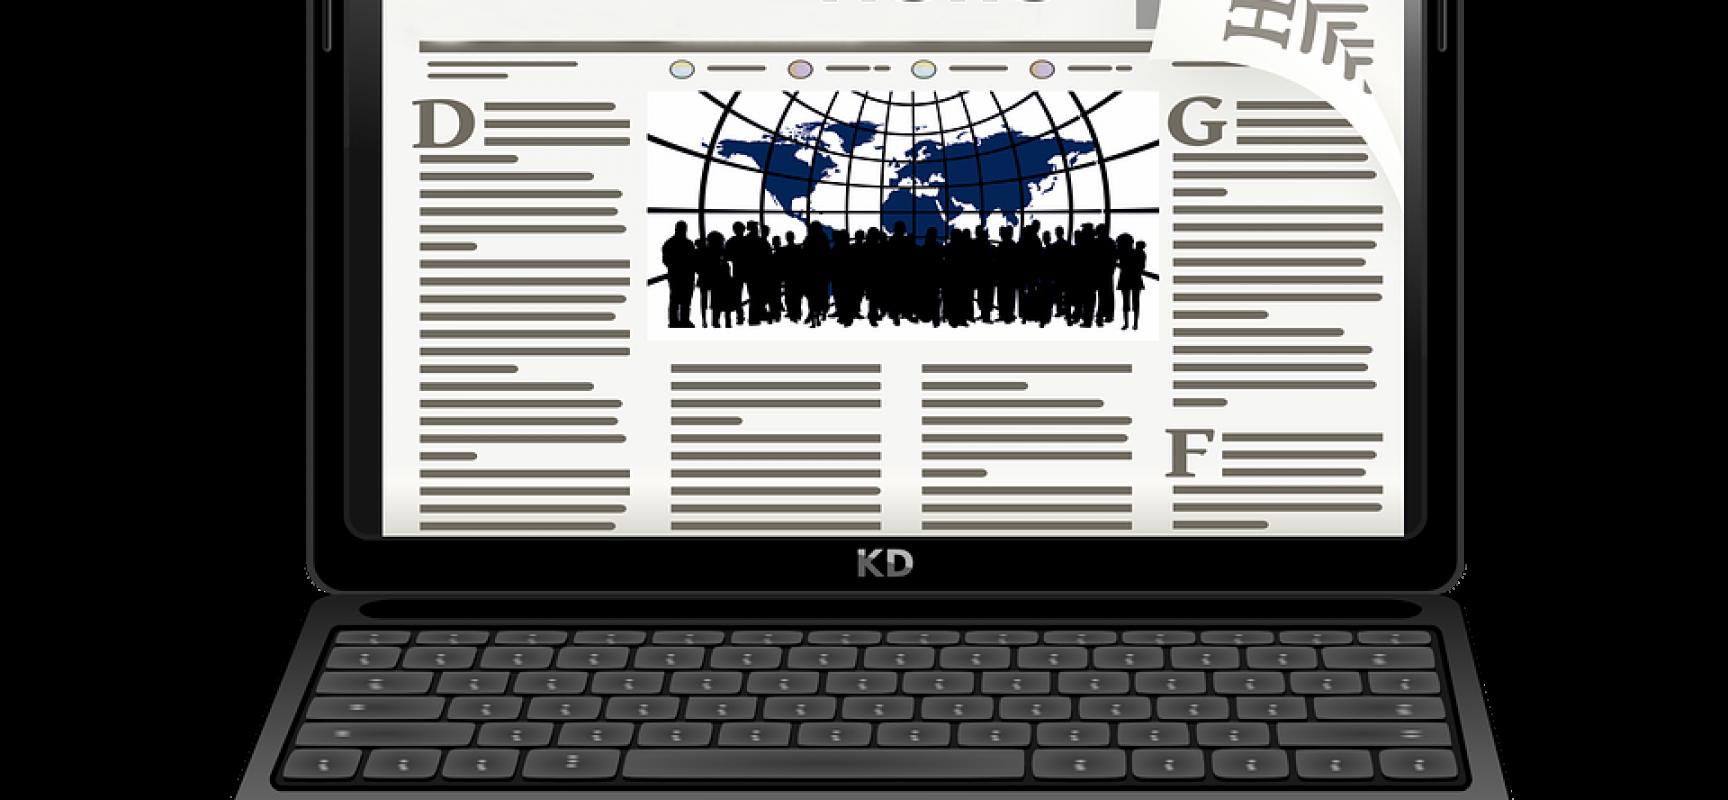 Internetowi giganci odrzucają australijskie zasady